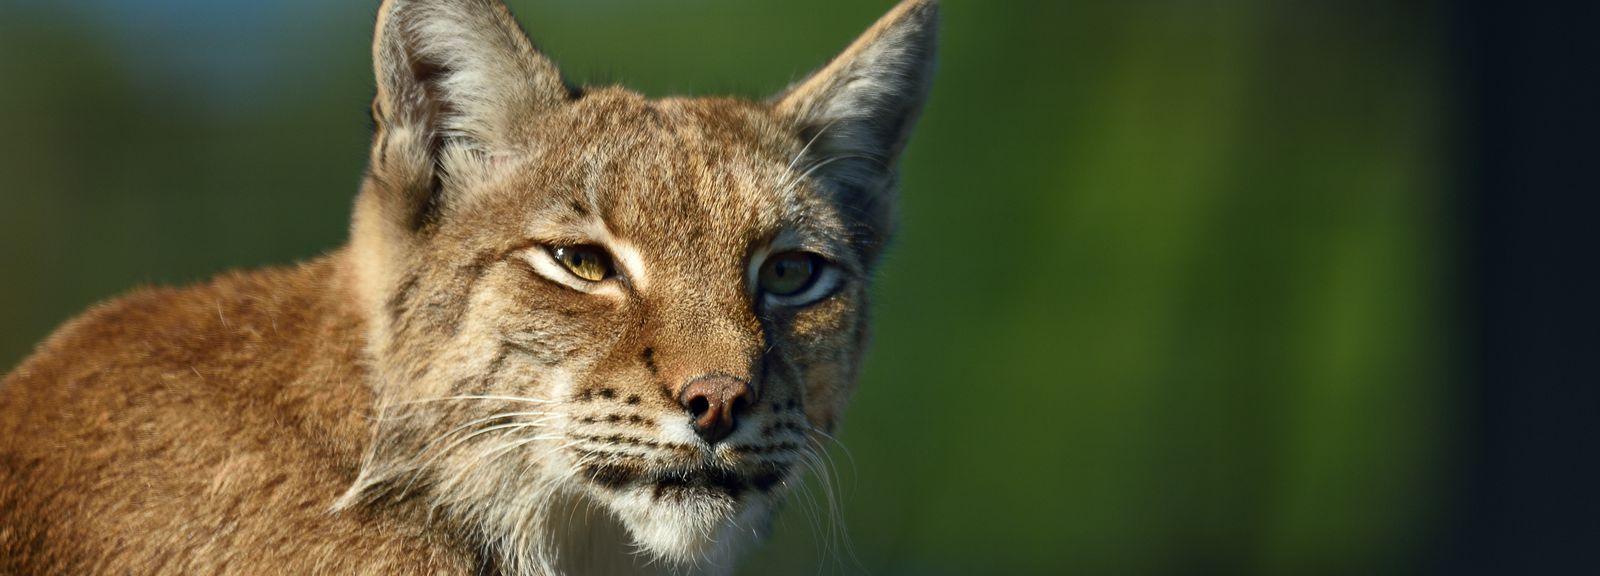 Le lynx de Scandinavie au zoo © MNHN - F G. Grandin